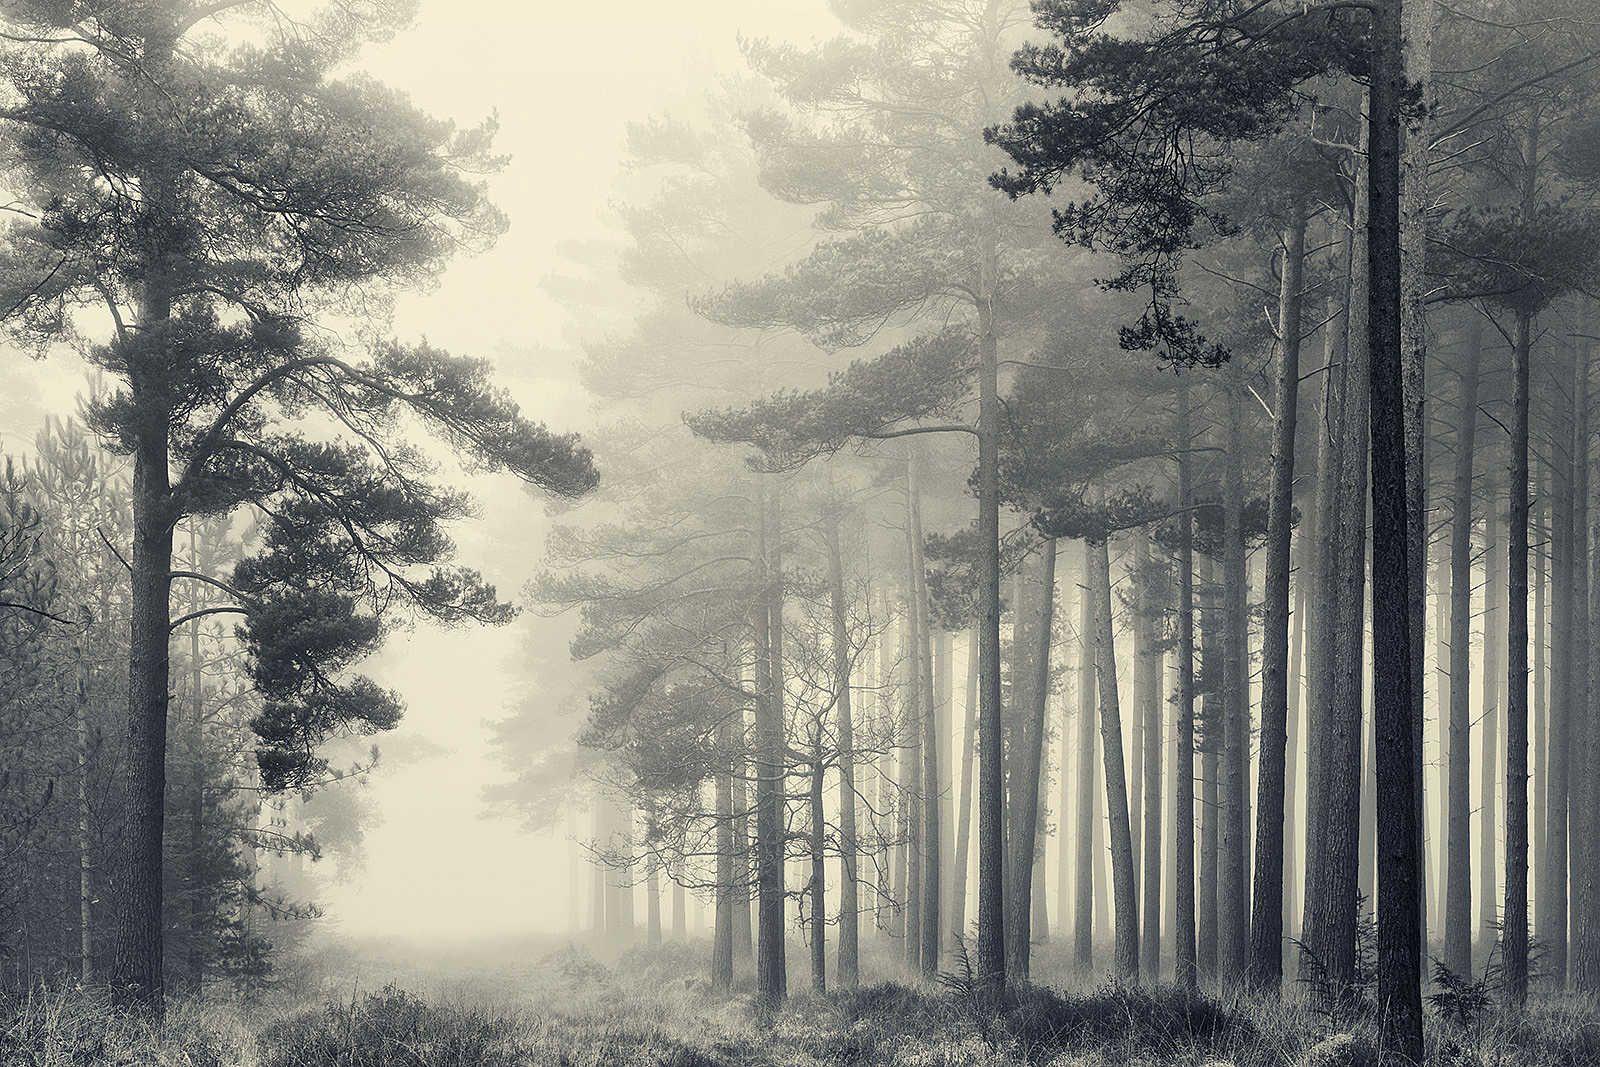 David Baker Trees David Baker Lumas Landschaftsbilder Landschaftsfotografie